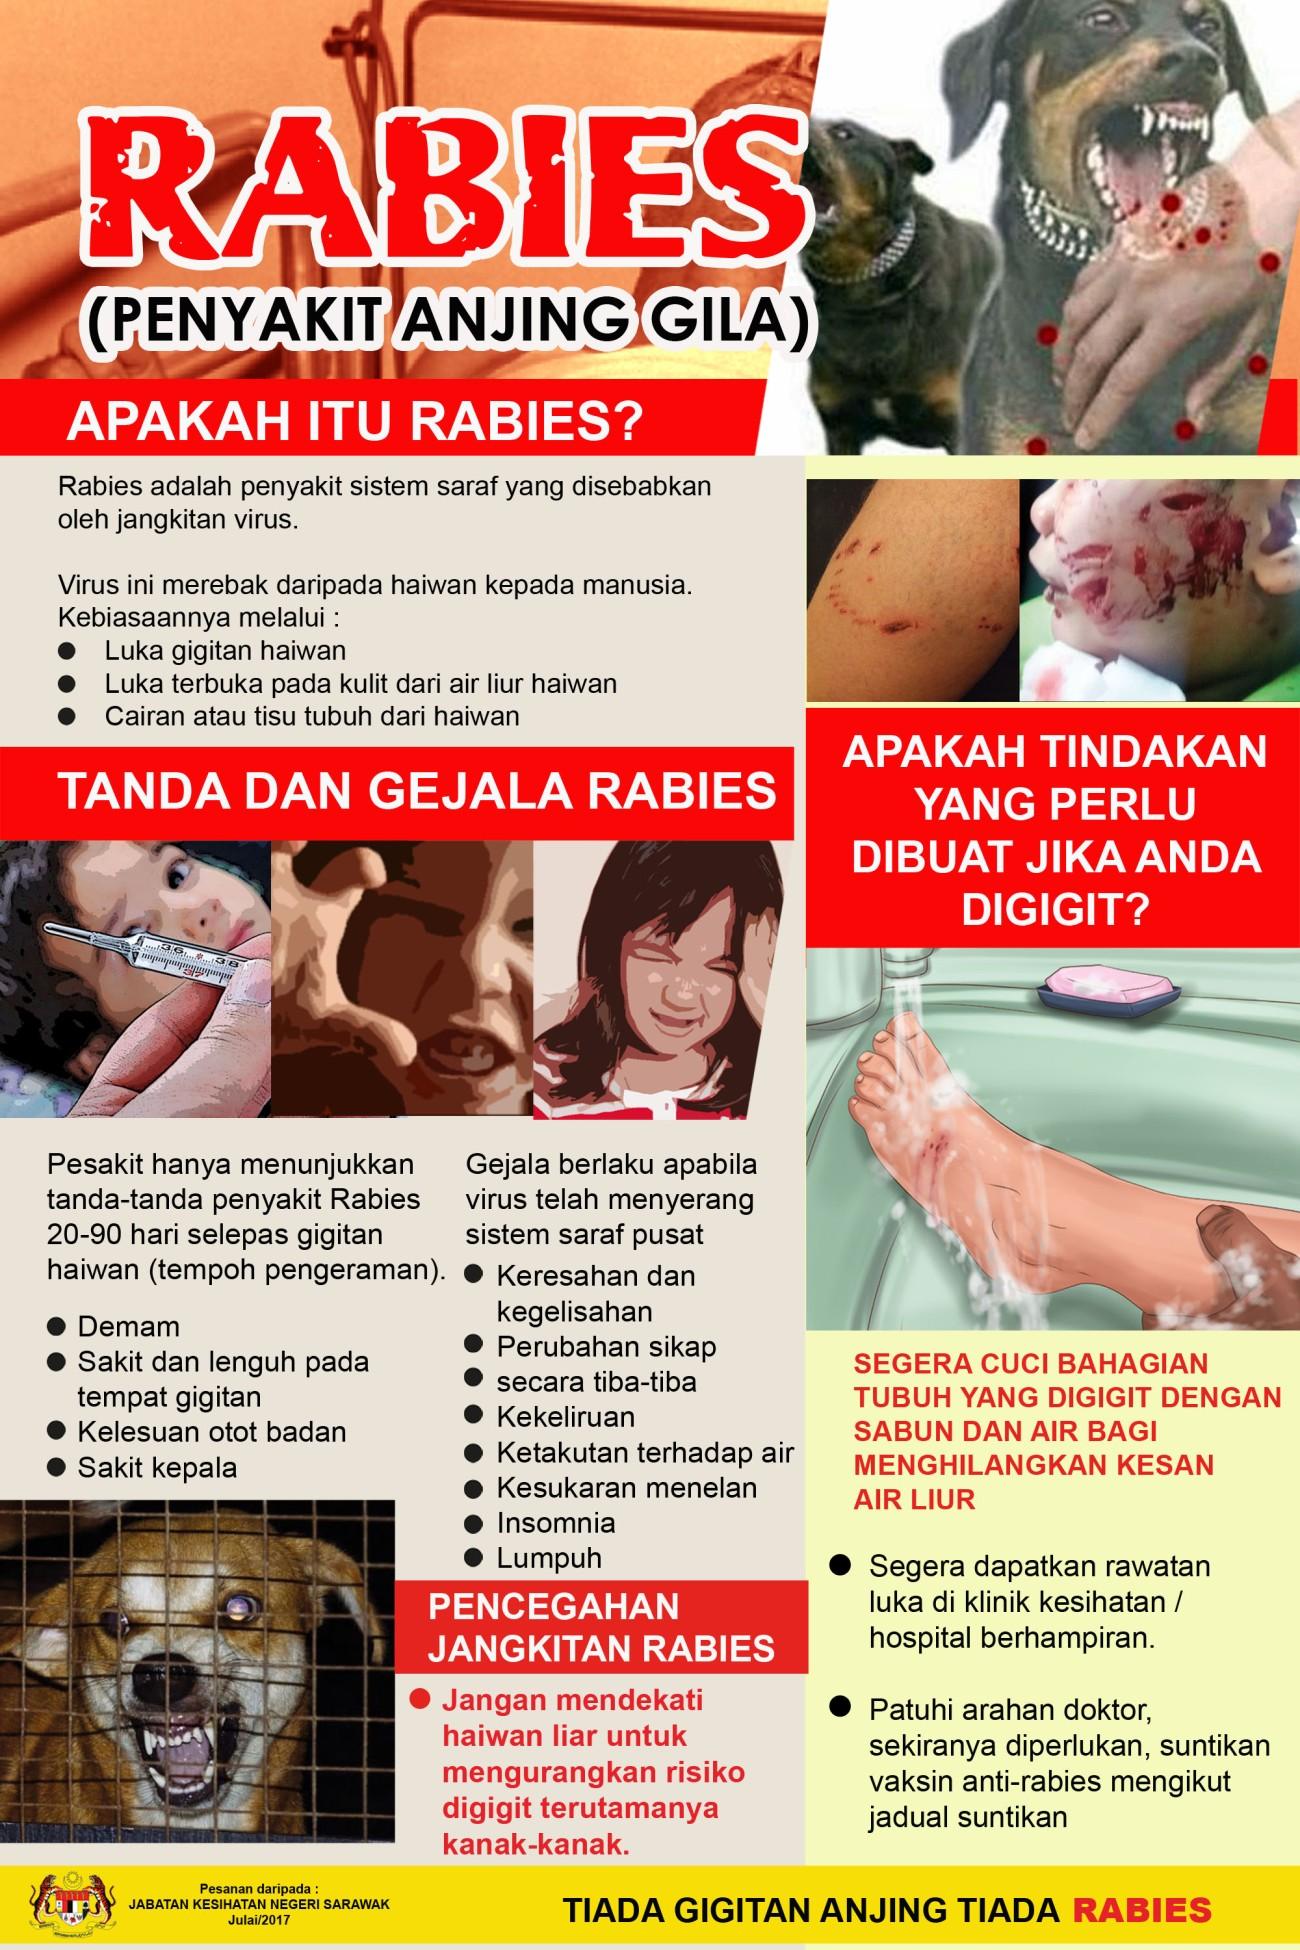 rabies JKN Sarawak